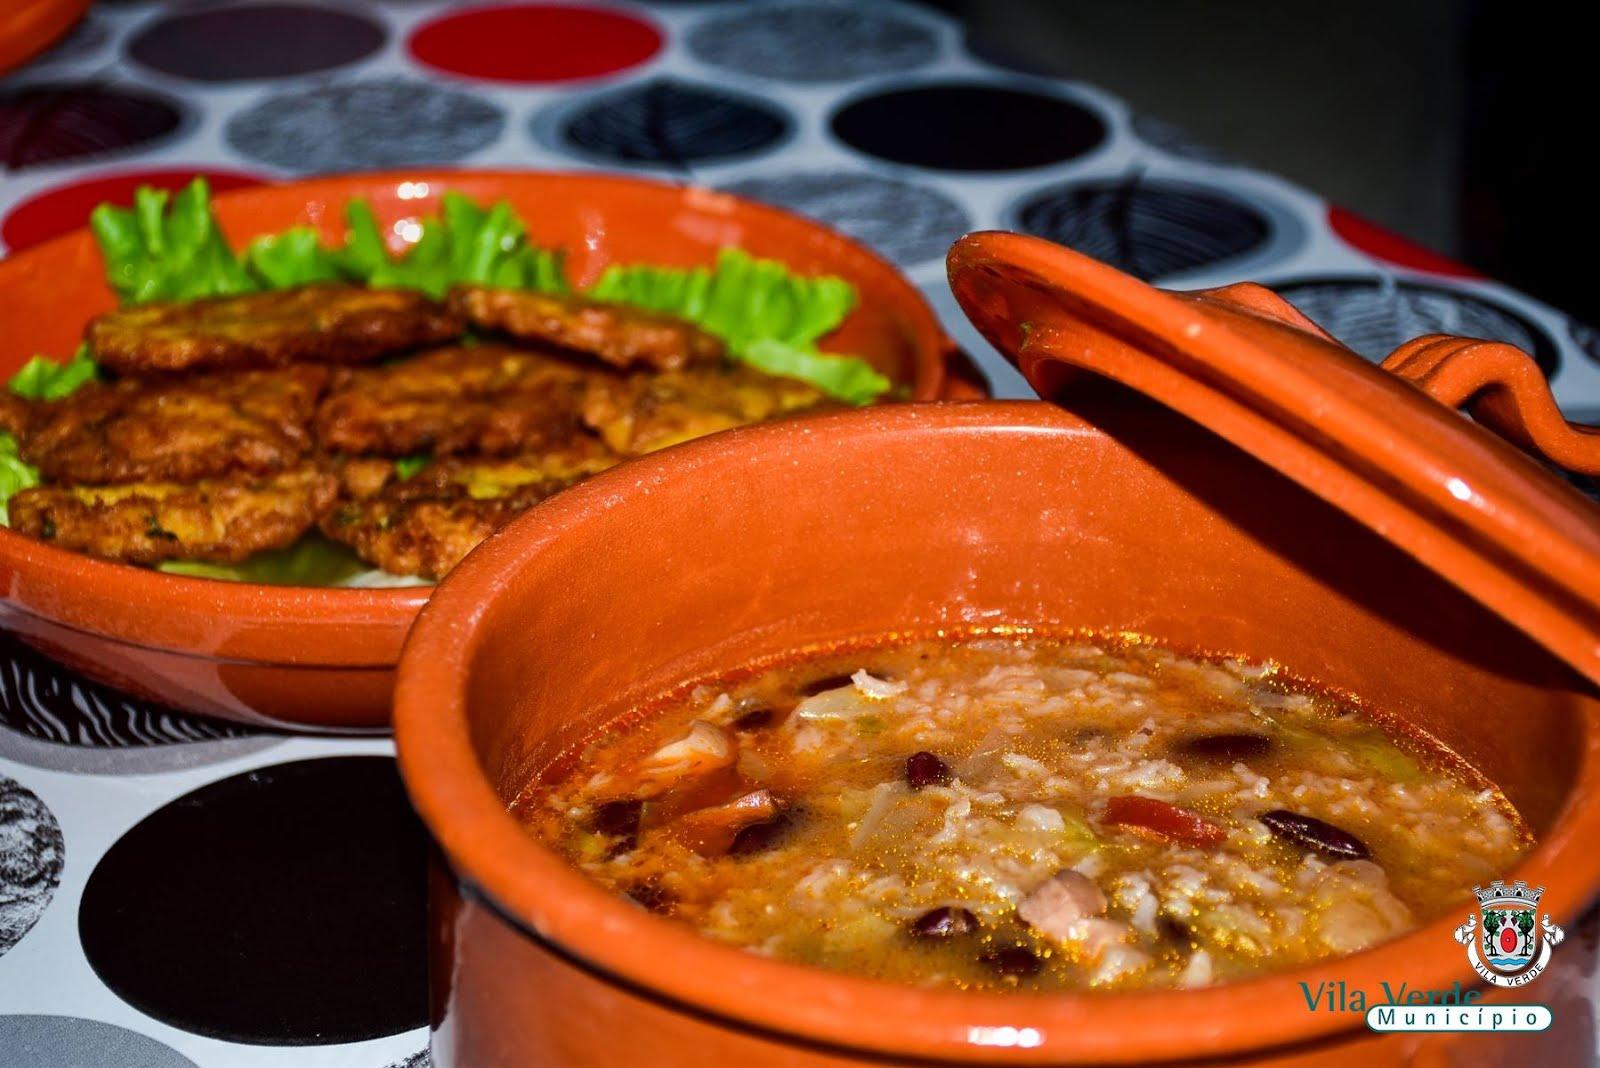 Fim de semana Gastronómico com Arroz de Feijão e Pataniscas